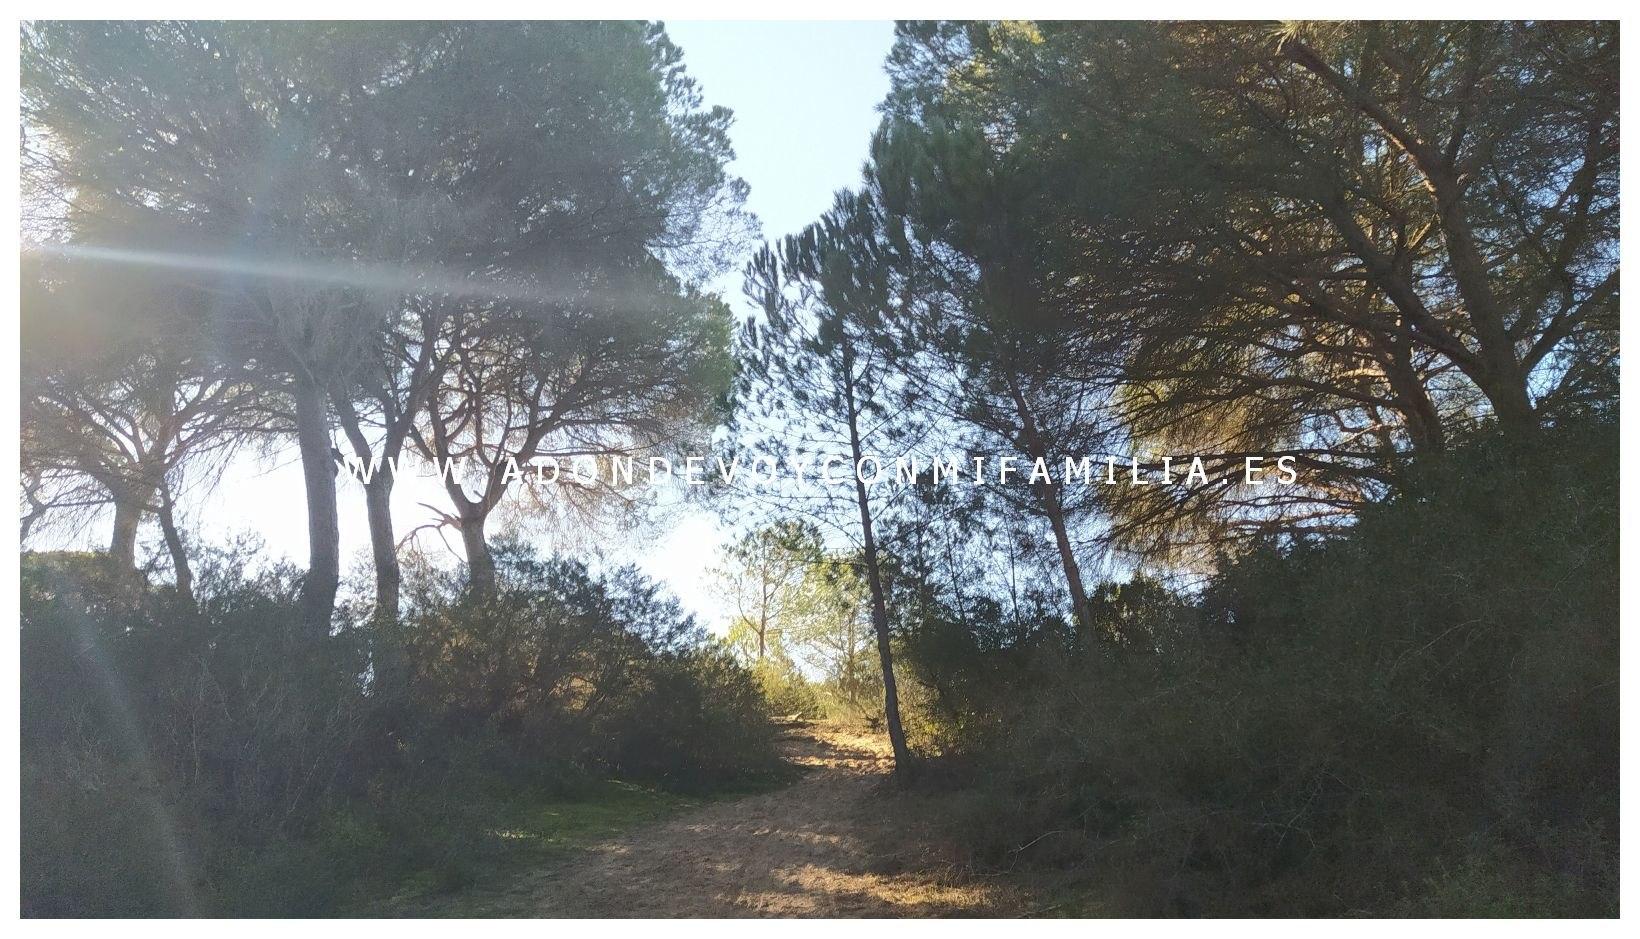 sendero-cerro-del-aguila-pinar-de-la-algaida-sanlucar-adondevoyconmifamilia-48